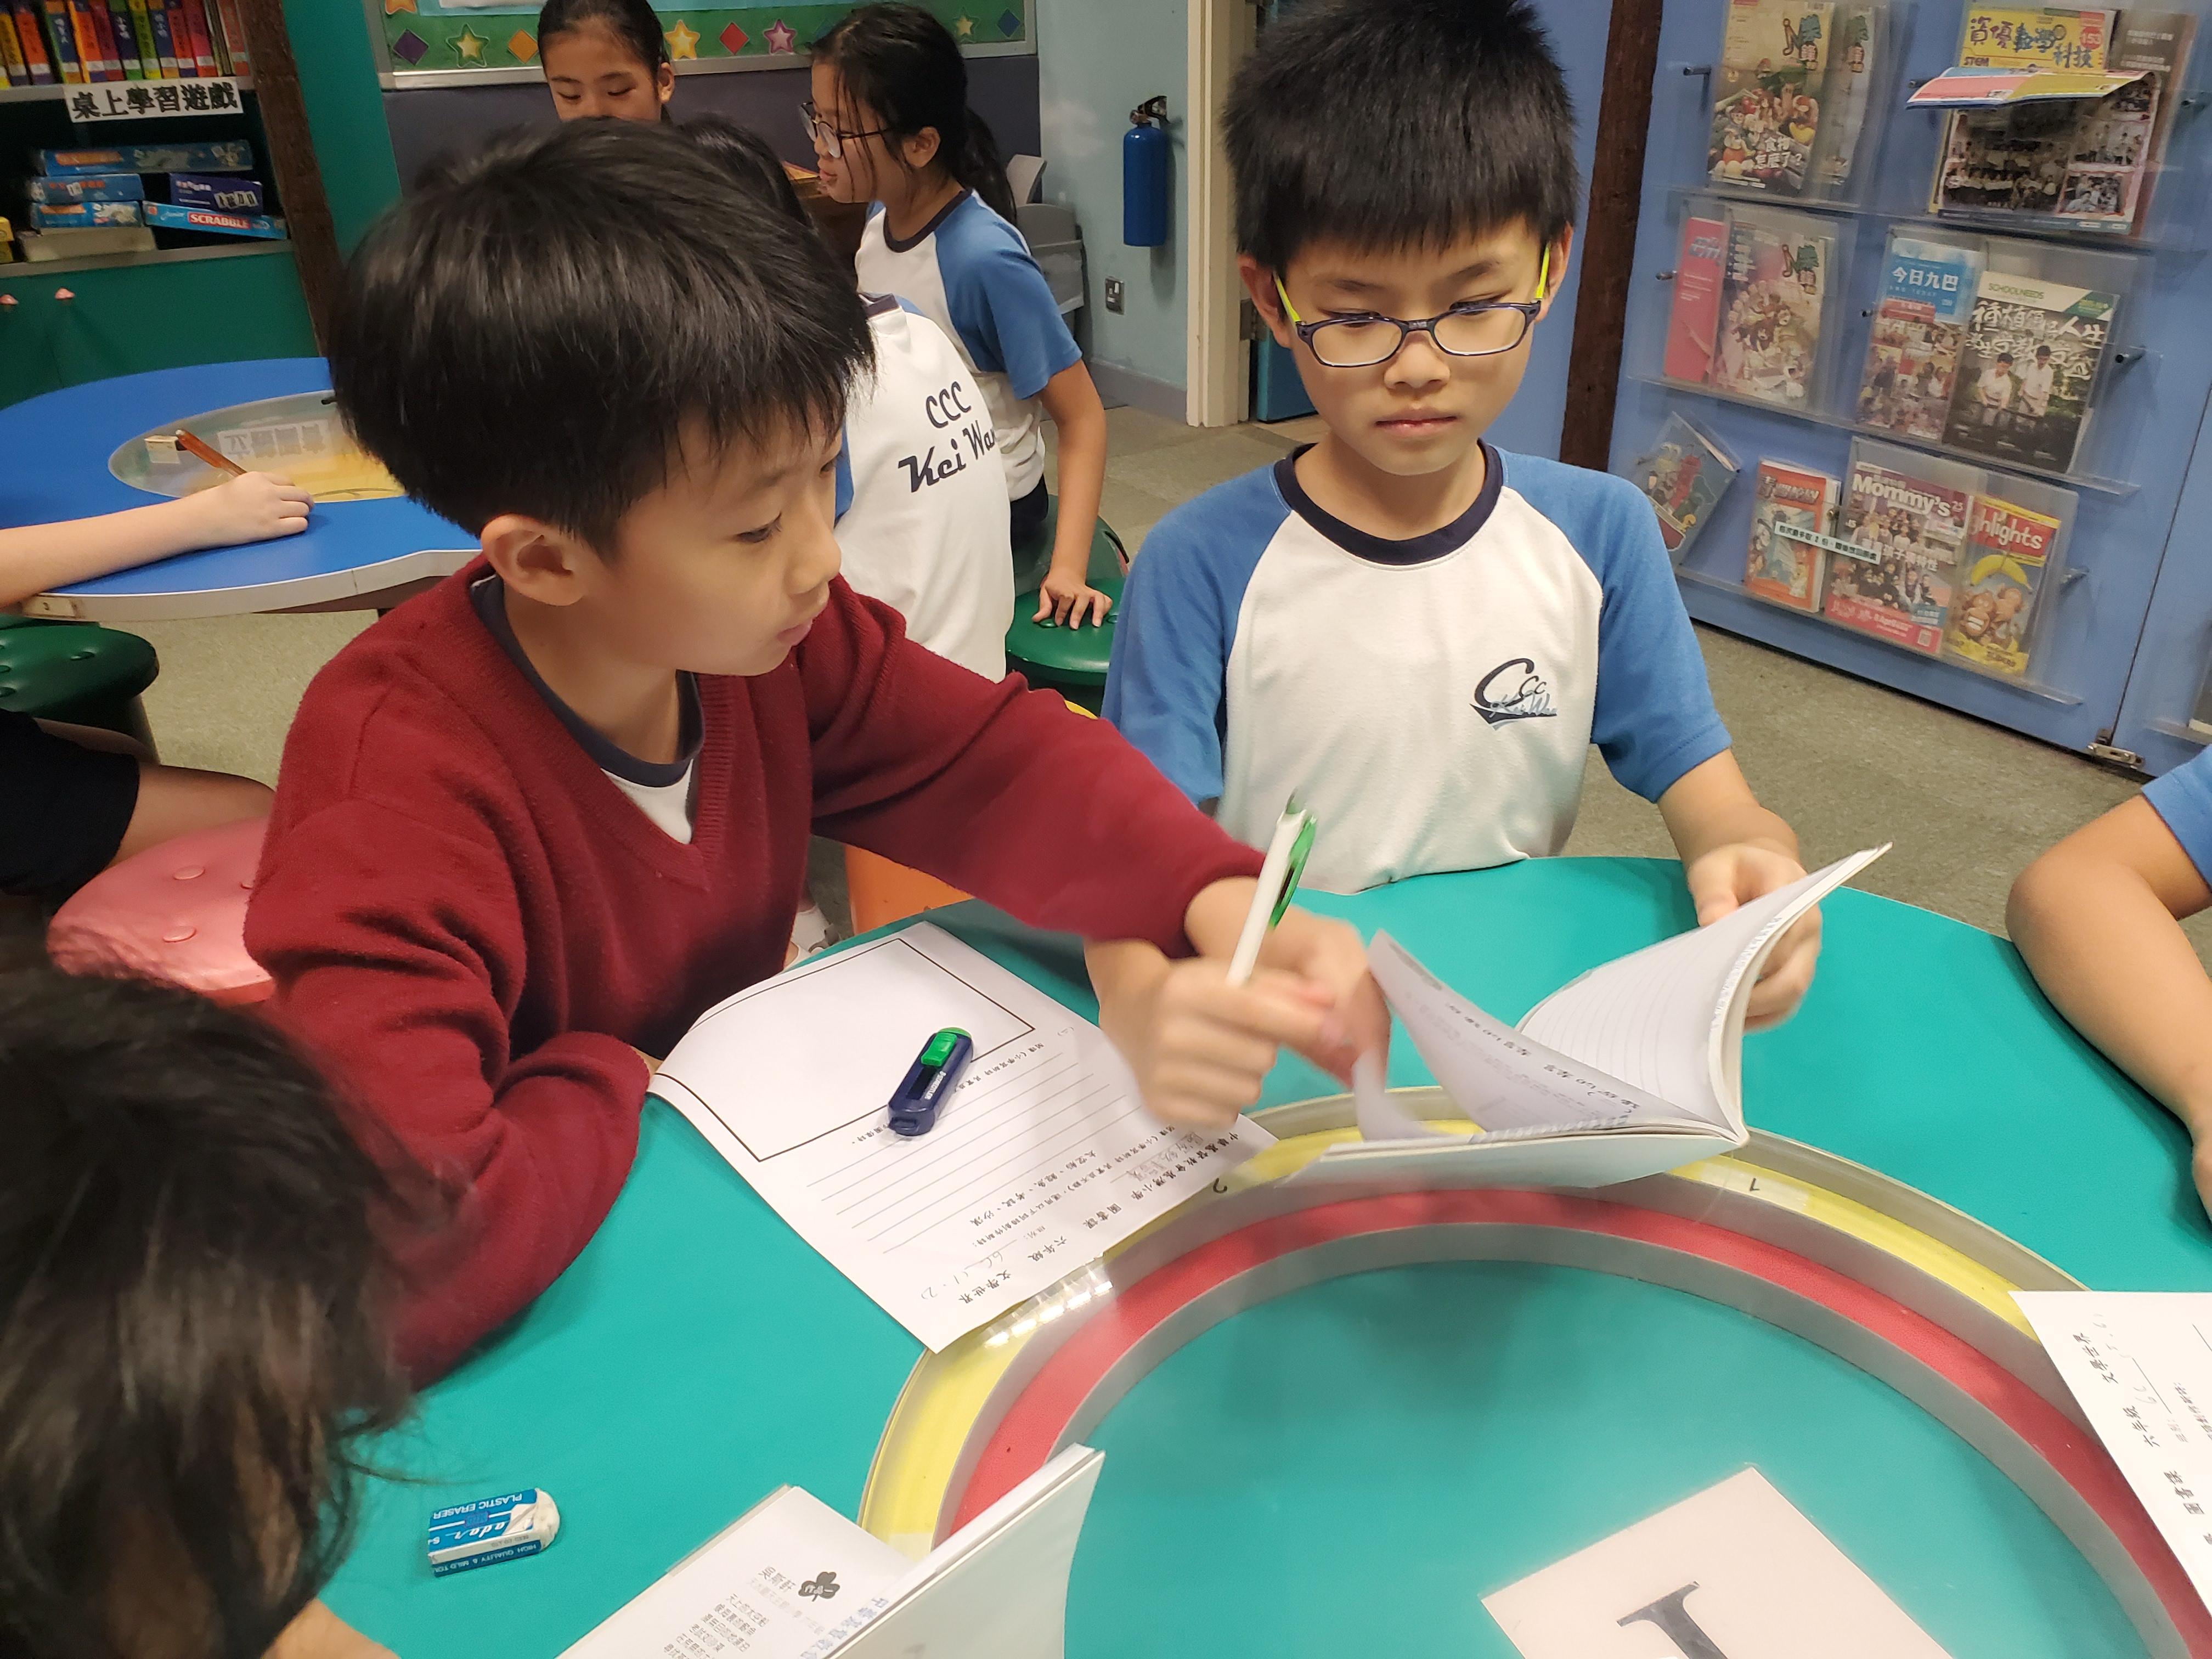 http://www.keiwan.edu.hk/sites/default/files/20191106_150956.jpg